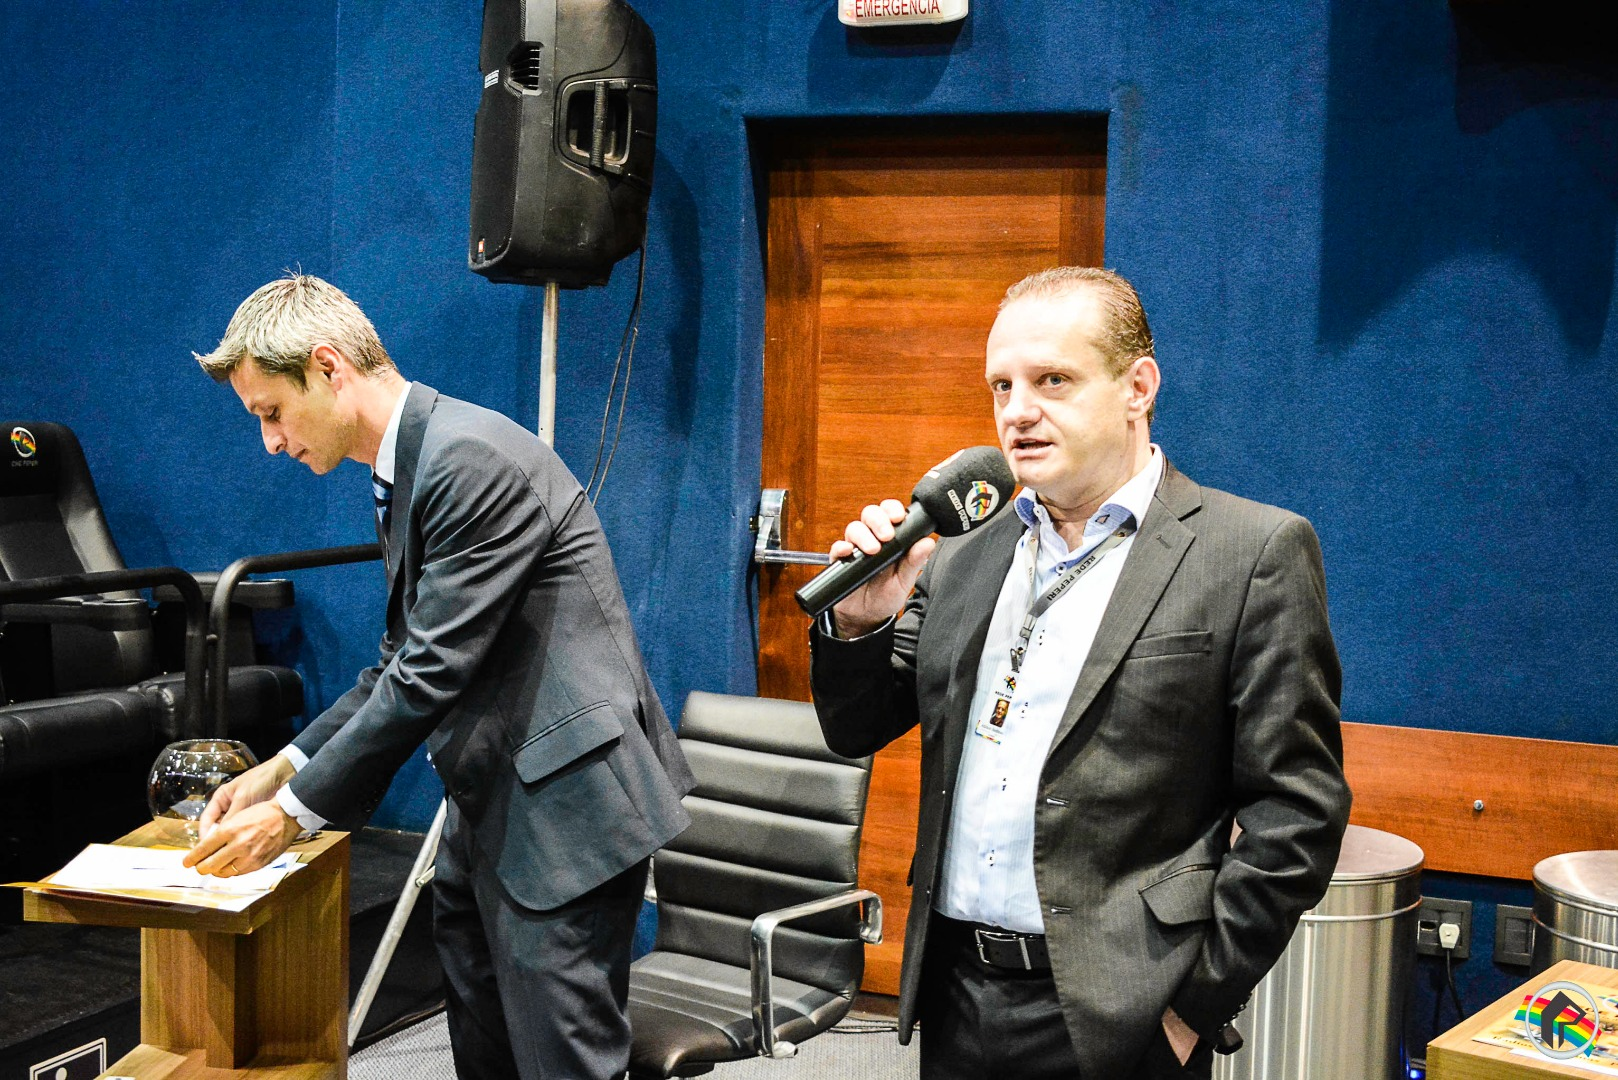 AO VIVO: Nove candidatos a Deputado Federal participam de debate na Peperi